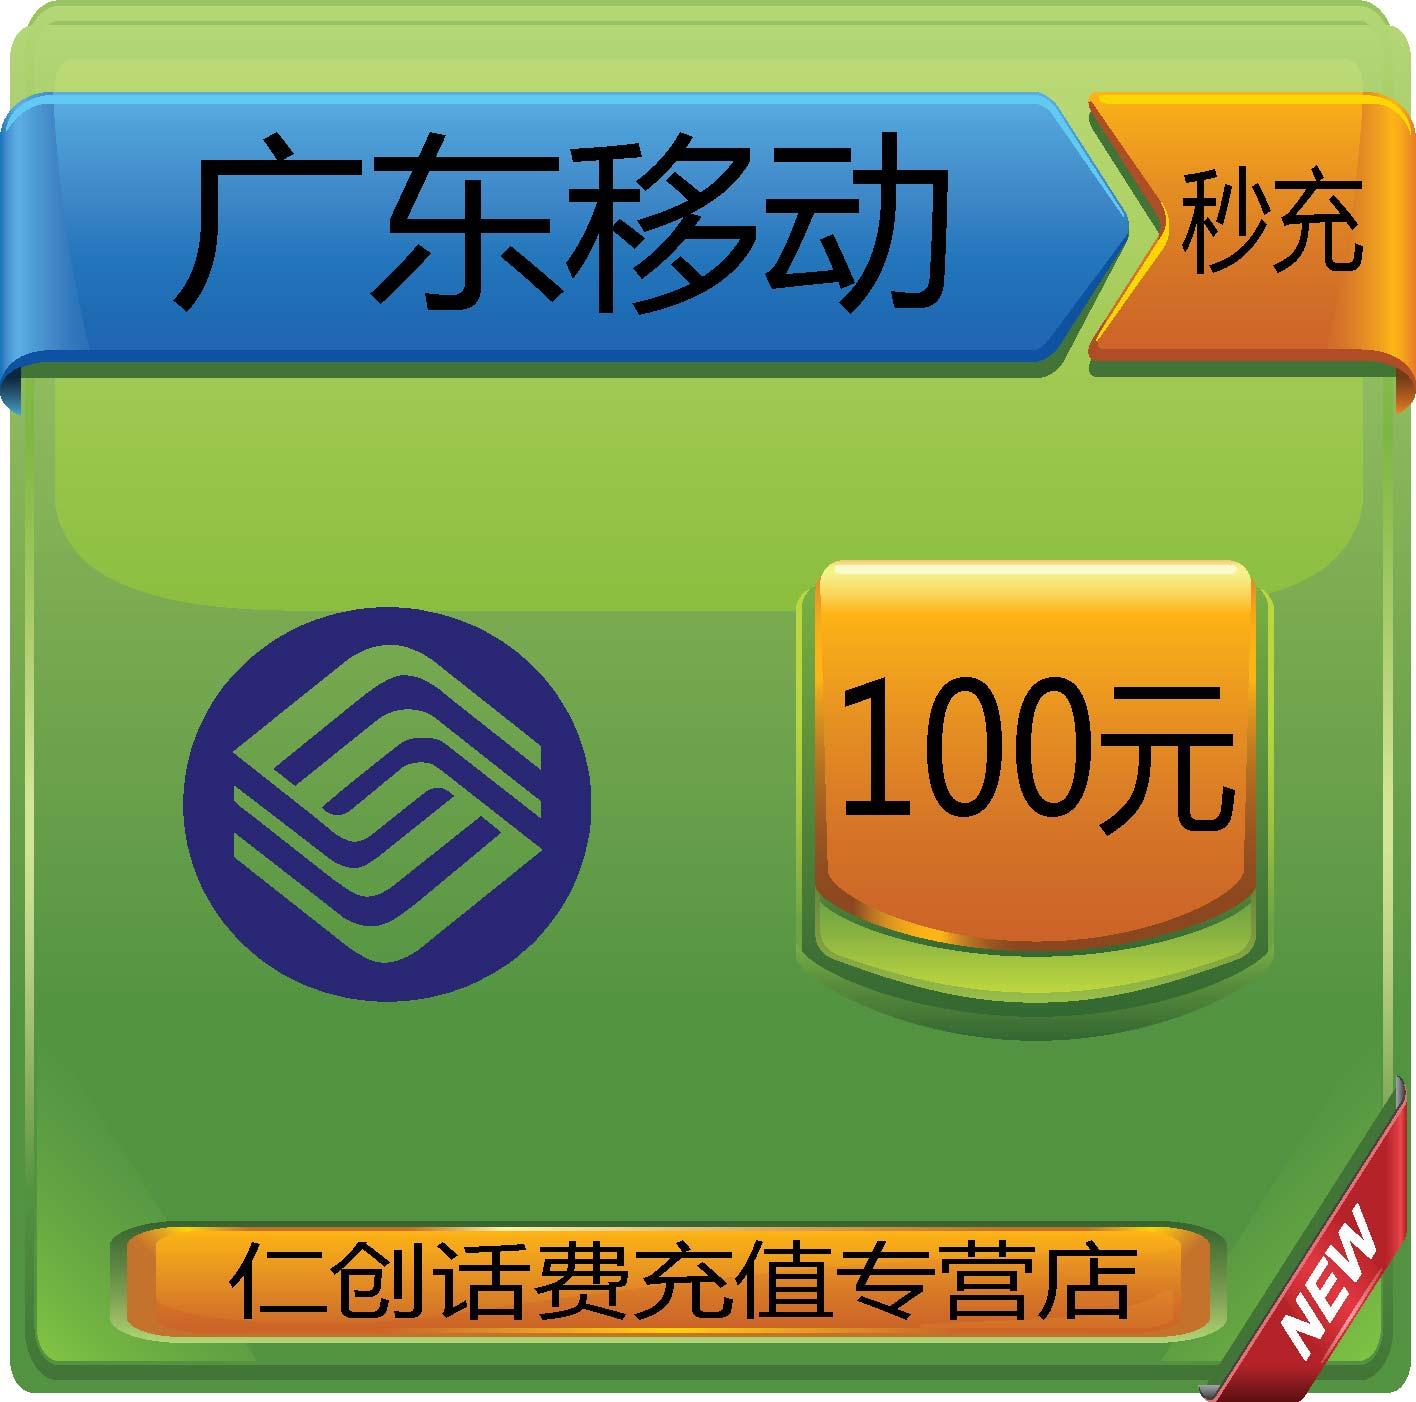 广东移动100元手机话费充值 自动直充即时到帐